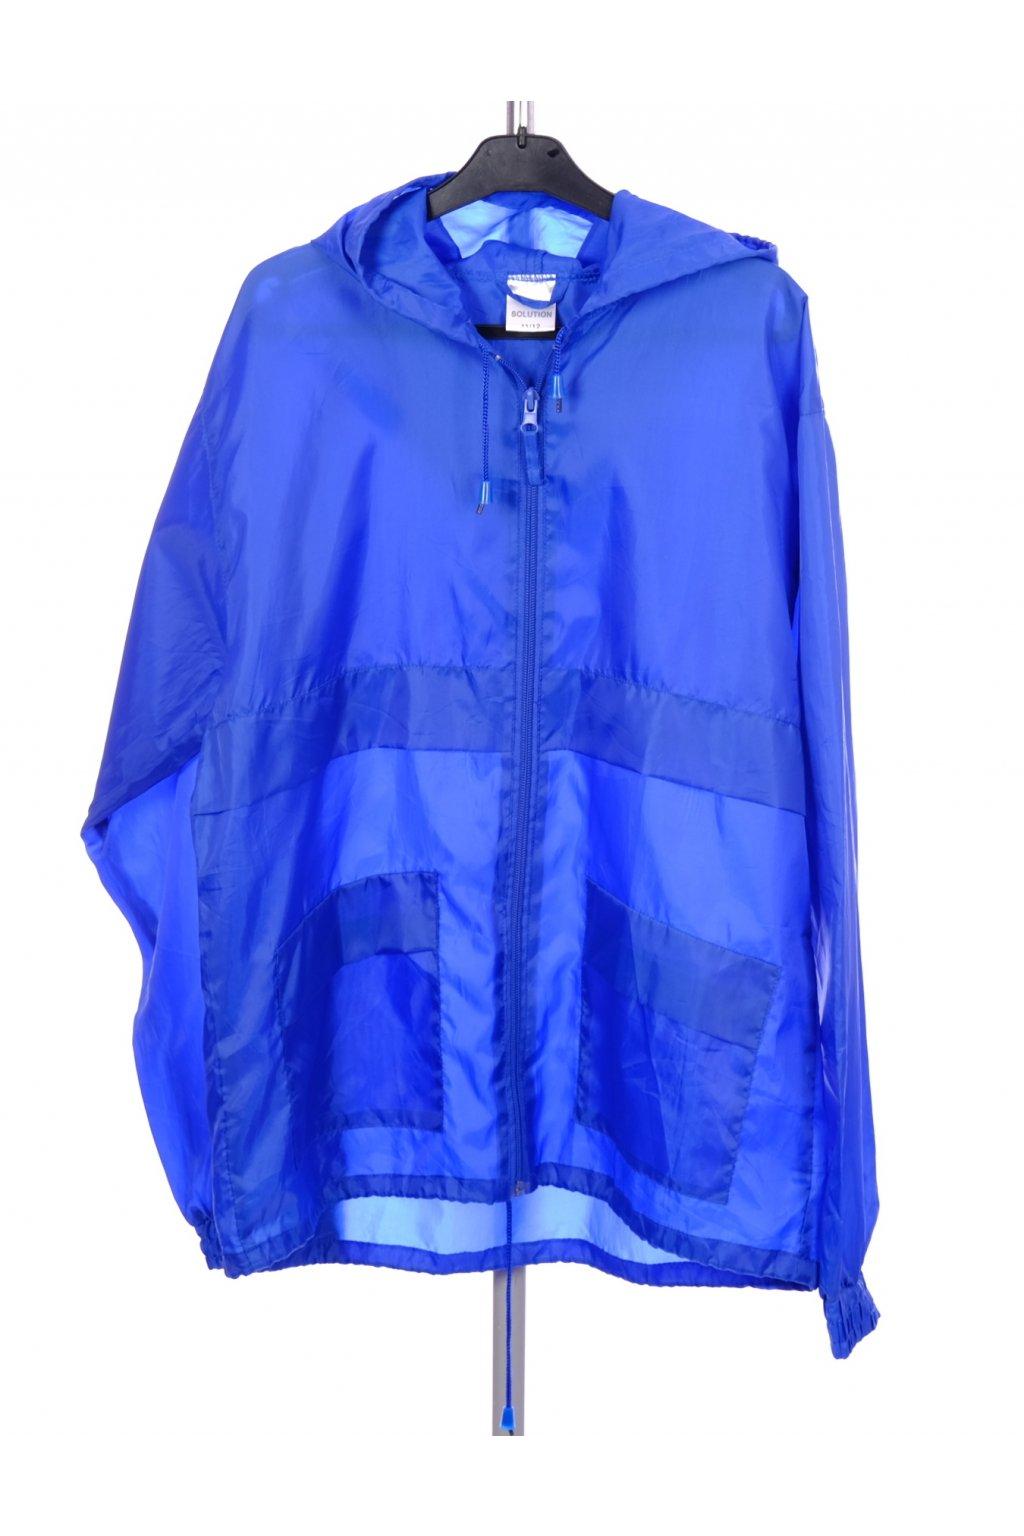 Bunda větrovka Rain 11-12/152 modrá